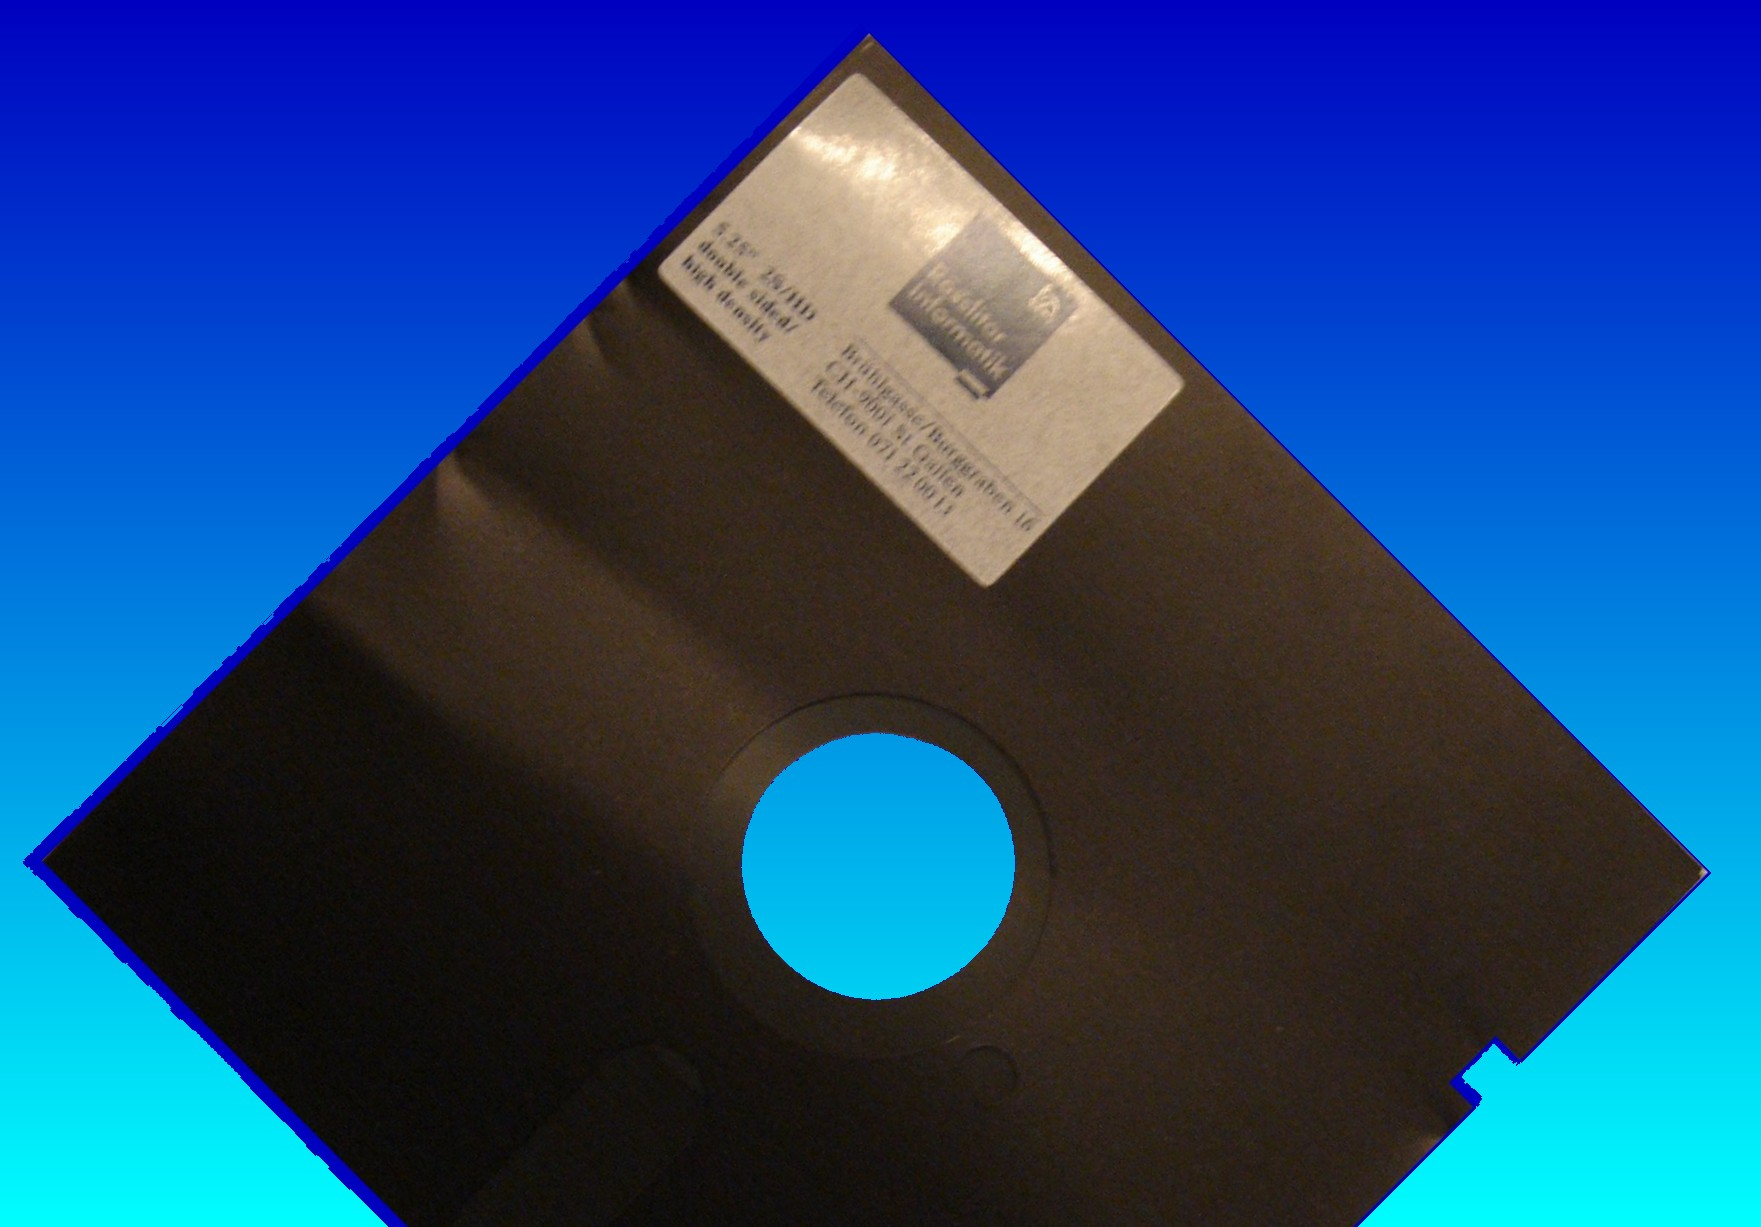 5.25 floppy disk transfer to CD for QA data retention